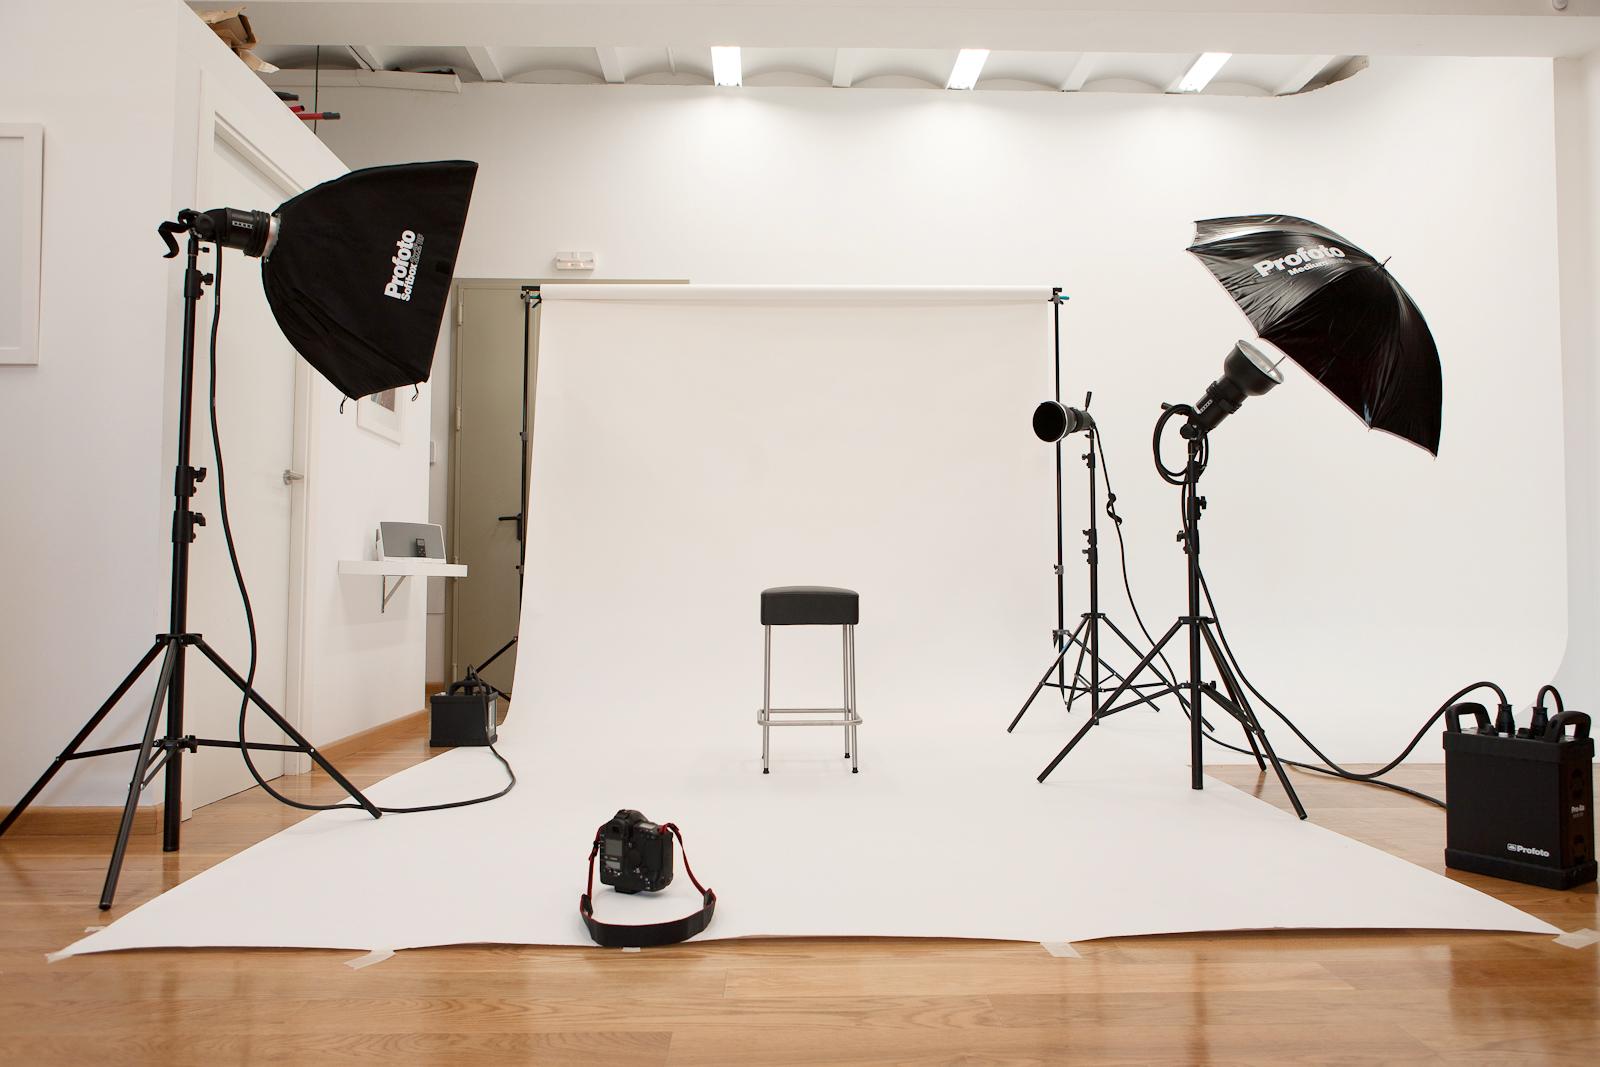 Confronto stampanti fotografiche 2011 11